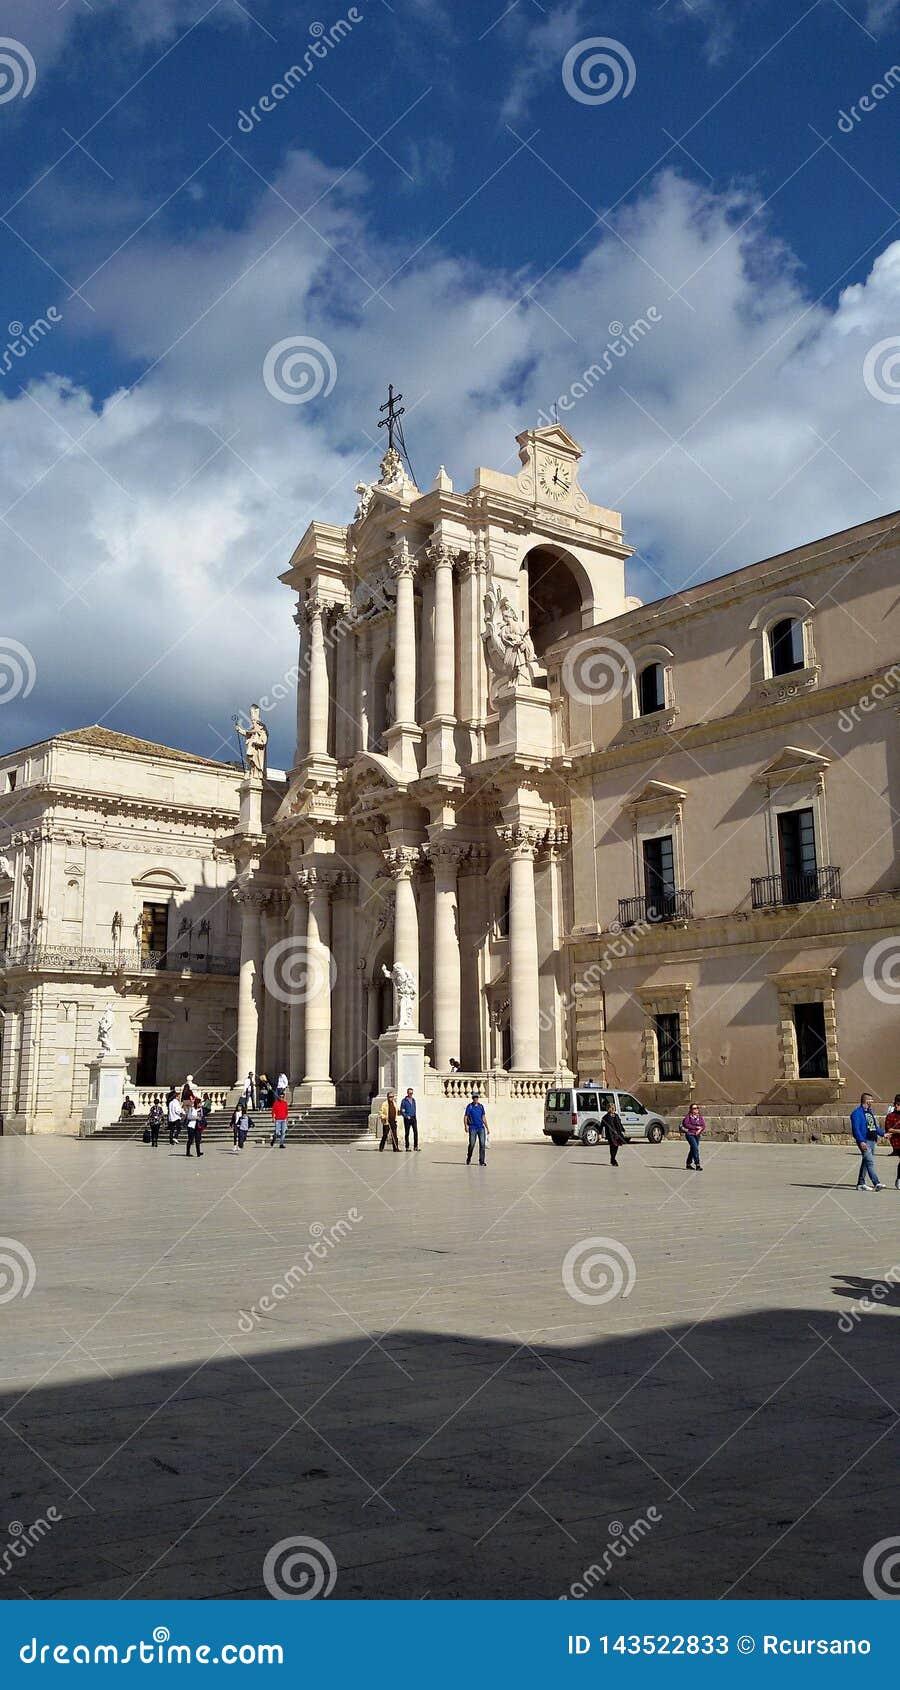 Италия, Сицилия, Трапани: Квадрат собора Сиракузы